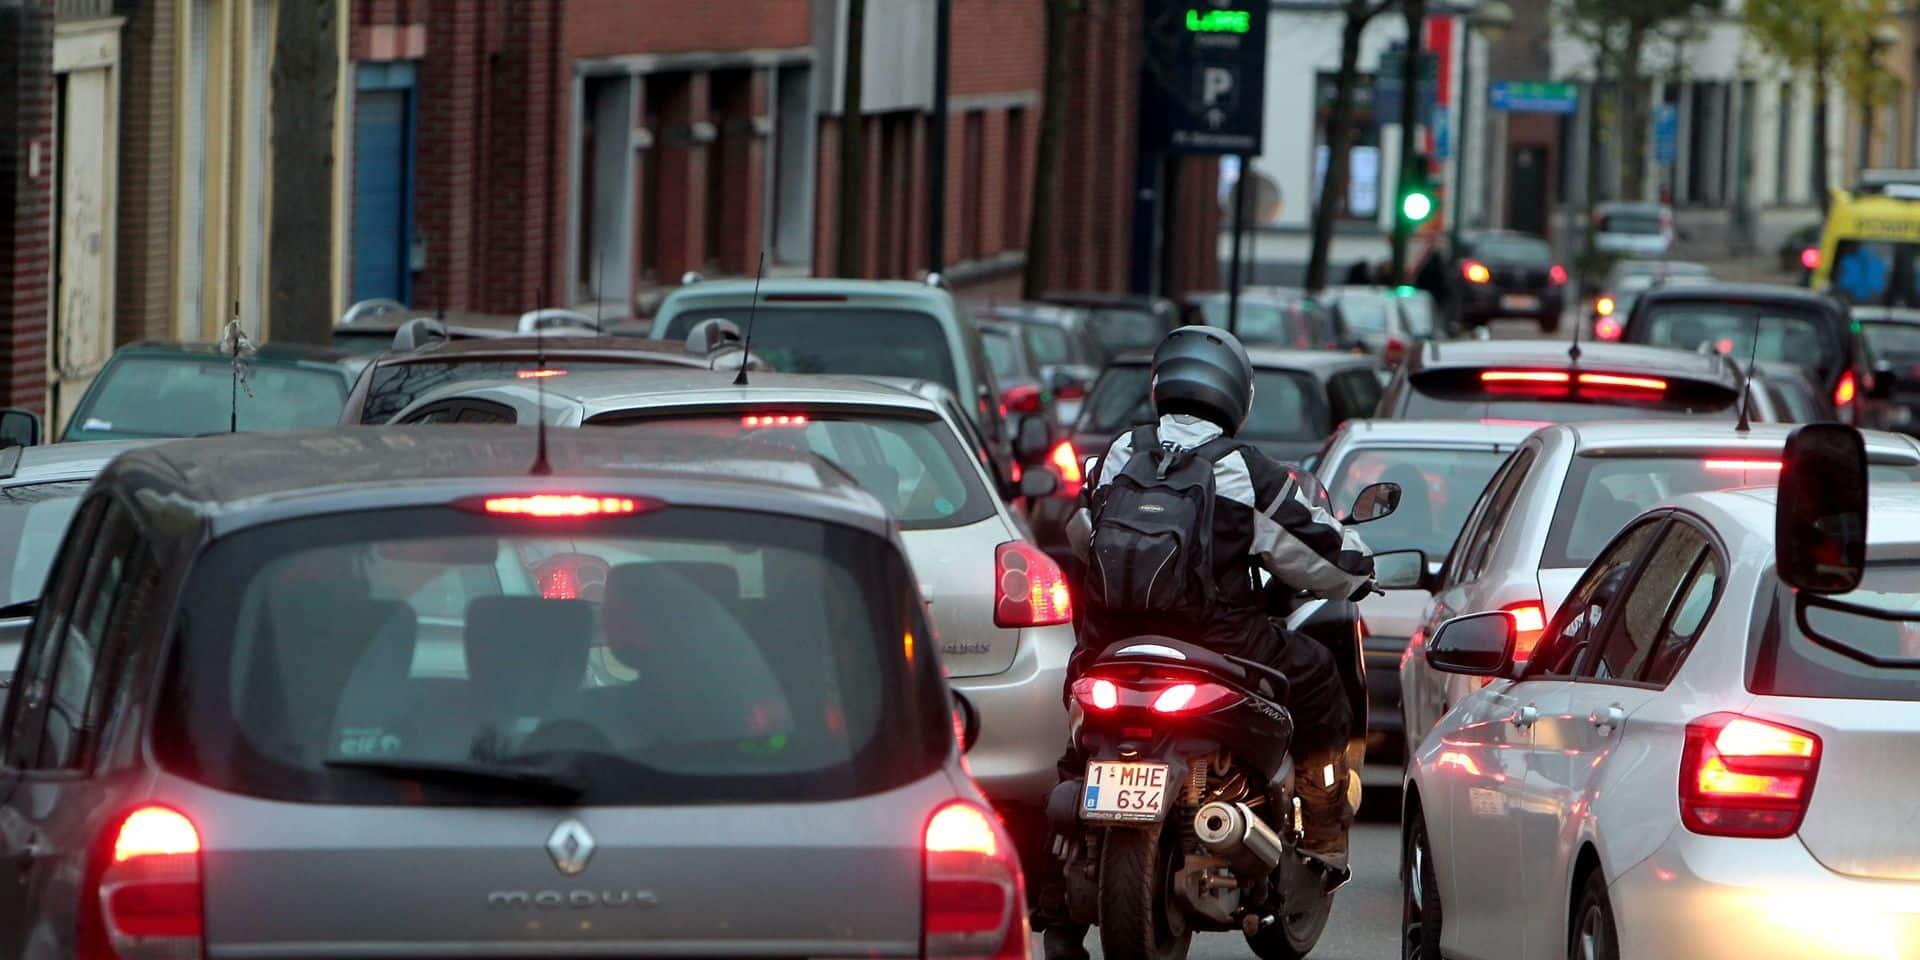 Pour Hervé Jacquemin de Mons en Mieux, il faut un plan de mobilité. Et vite!